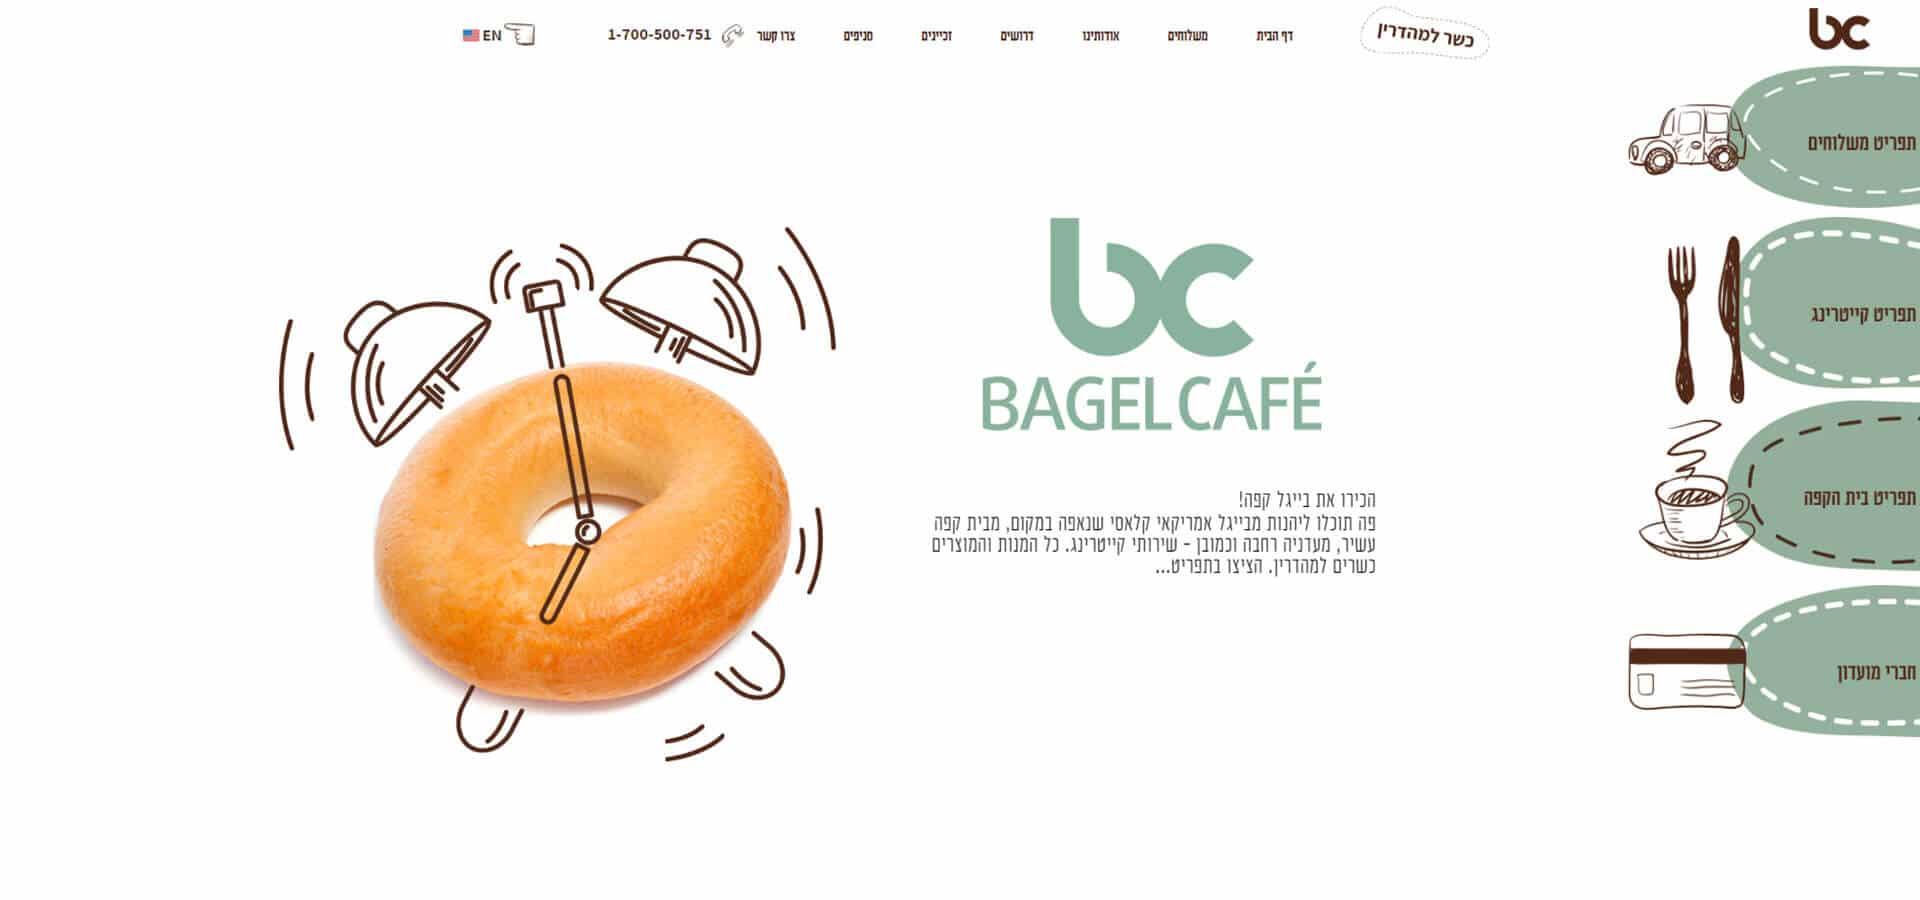 חברה לבניית אתר בייגל קפה